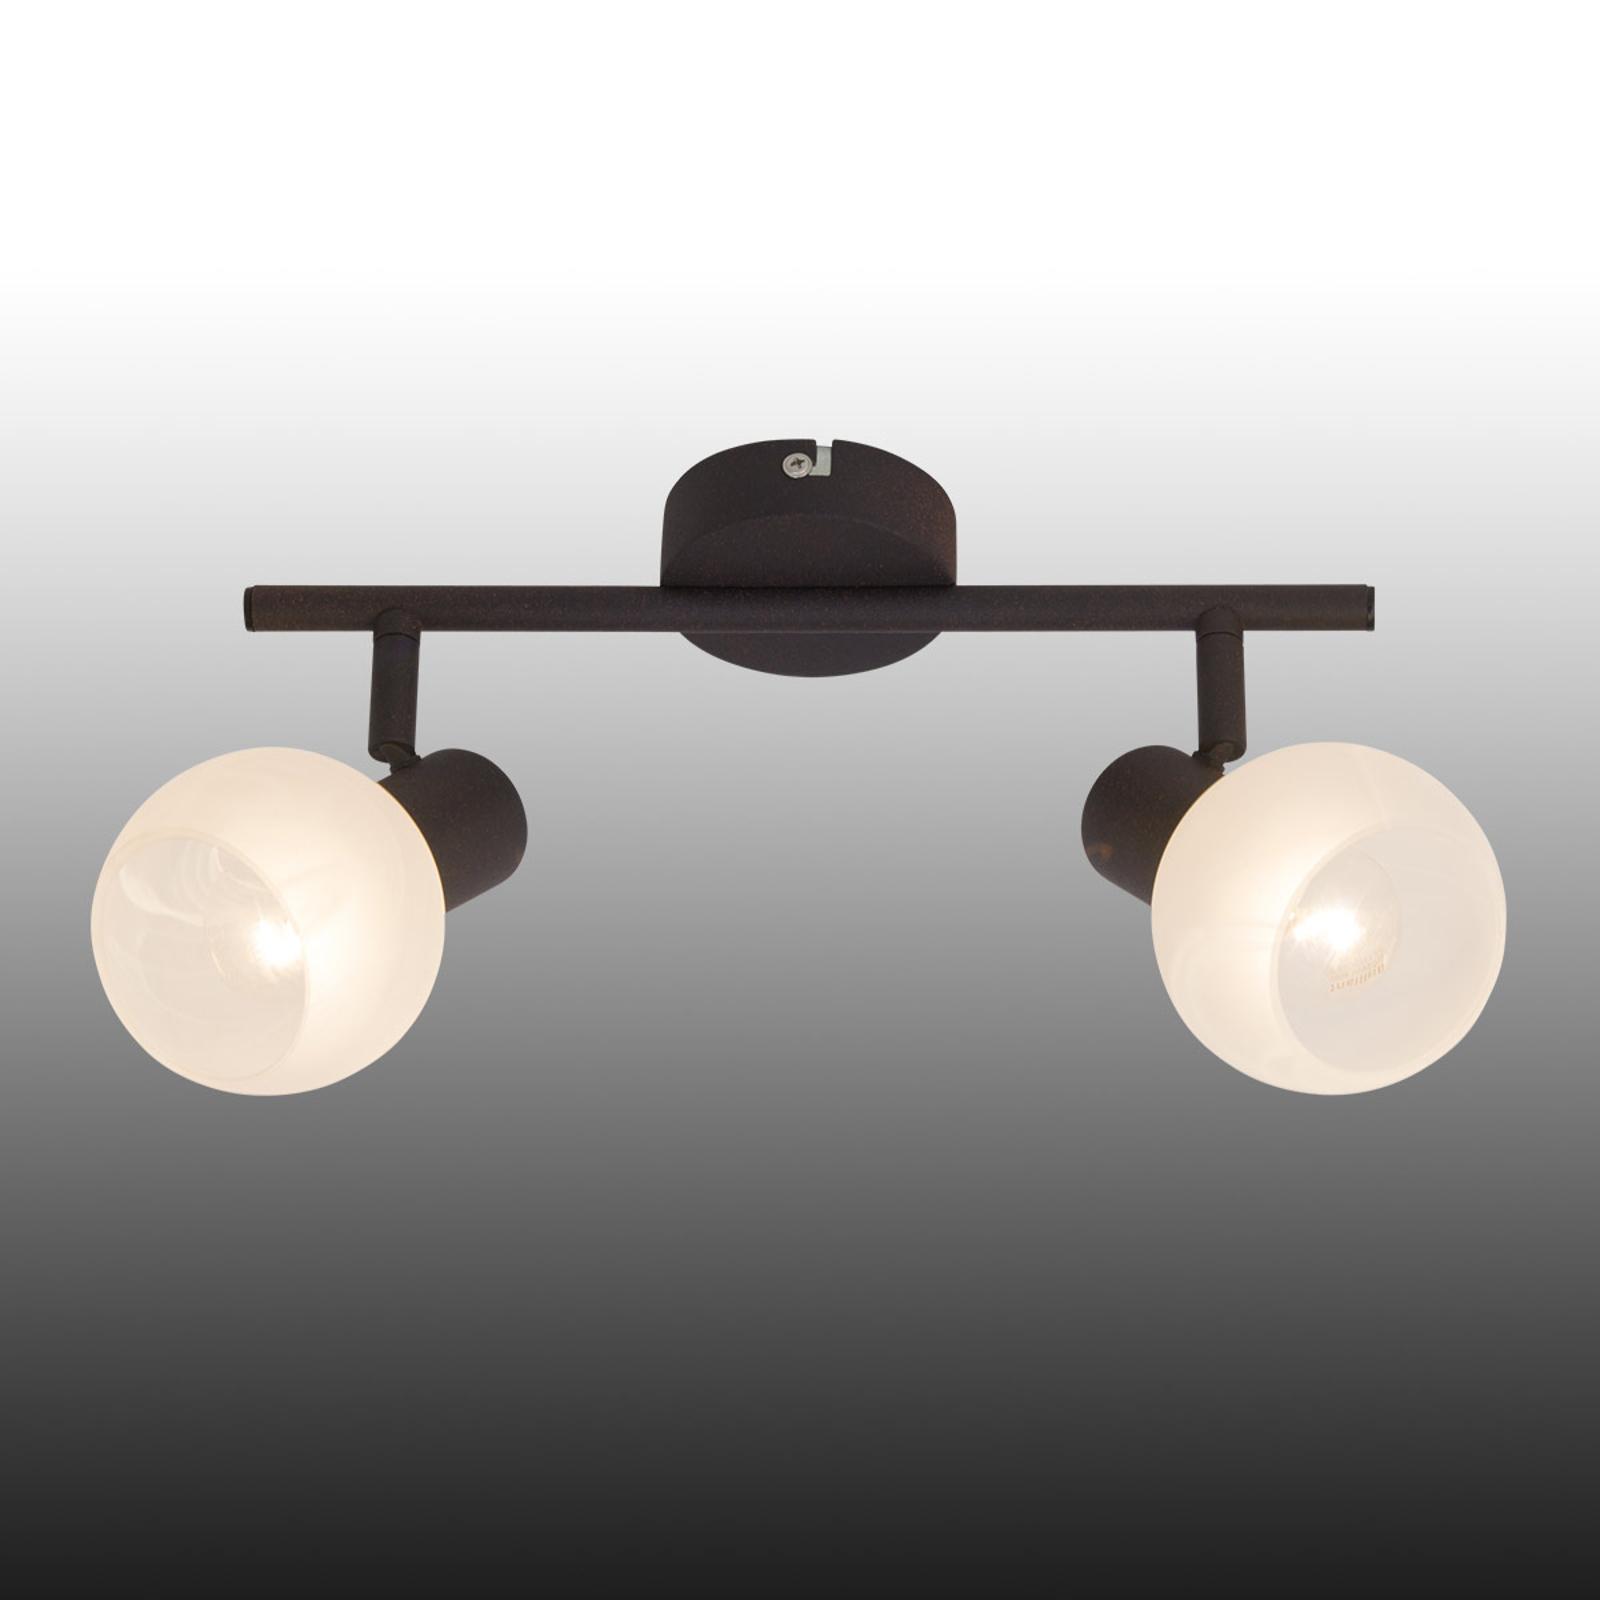 Loftslampen Gabon i brun og hvid, 2 lysk.